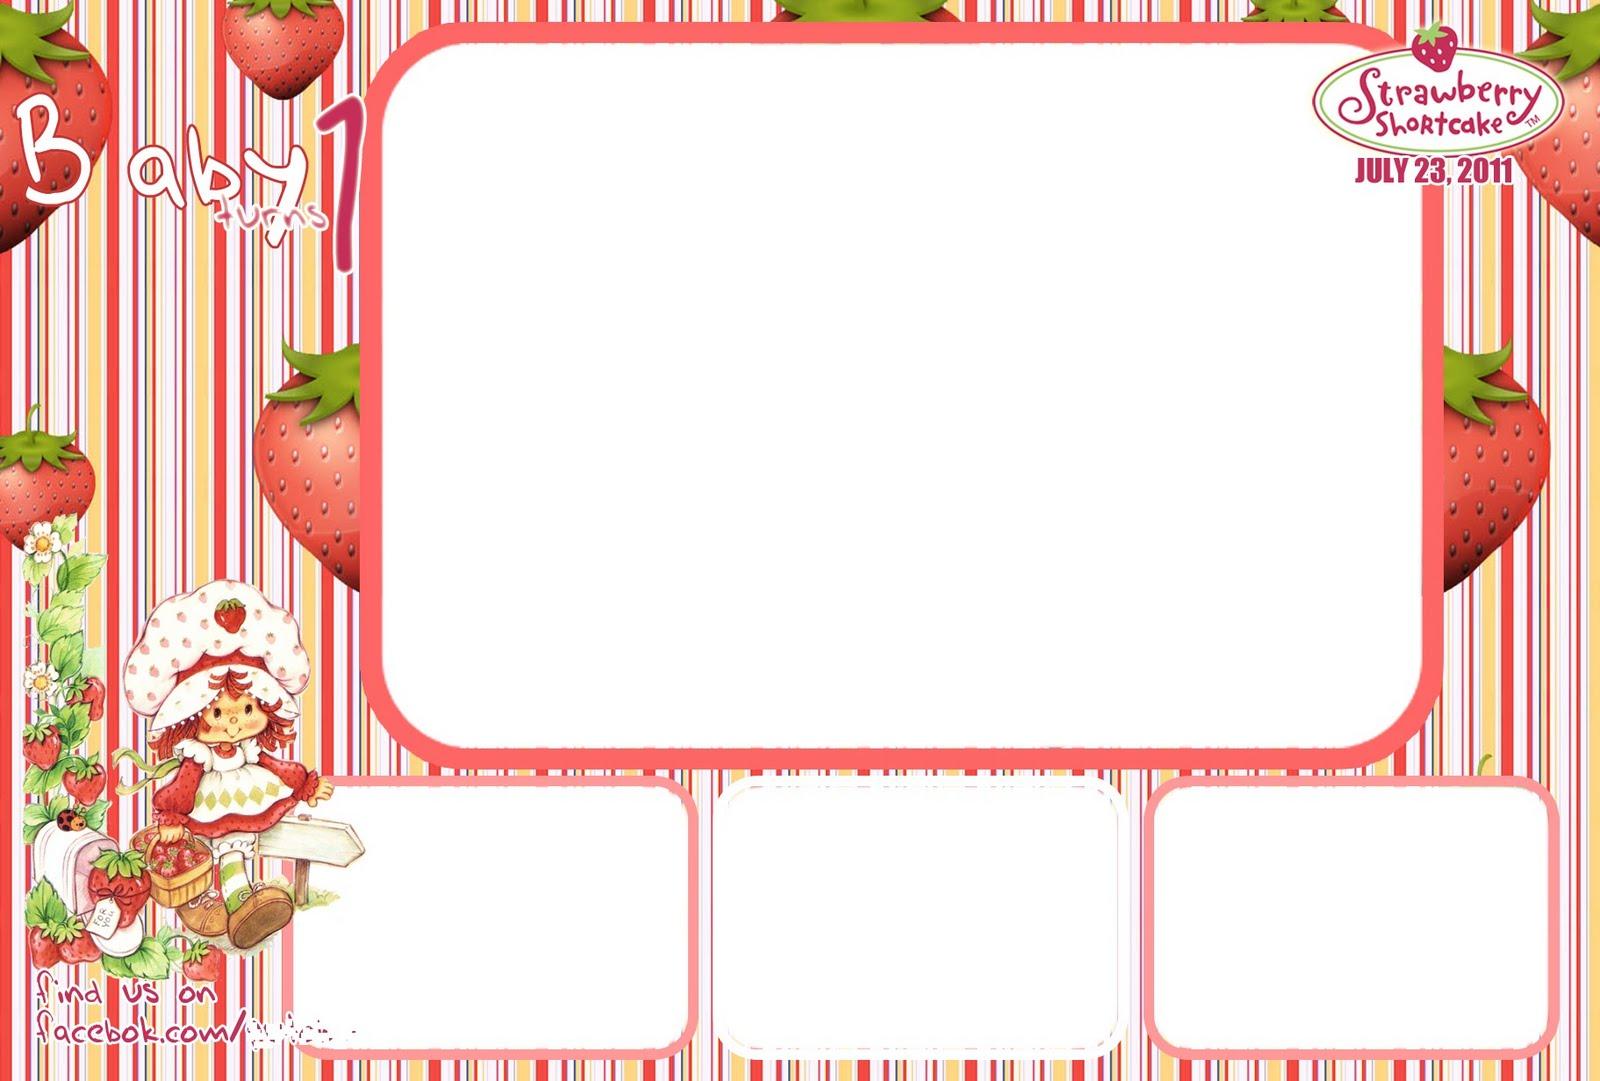 Strawberry shortcake border   Imagui 1600x1081